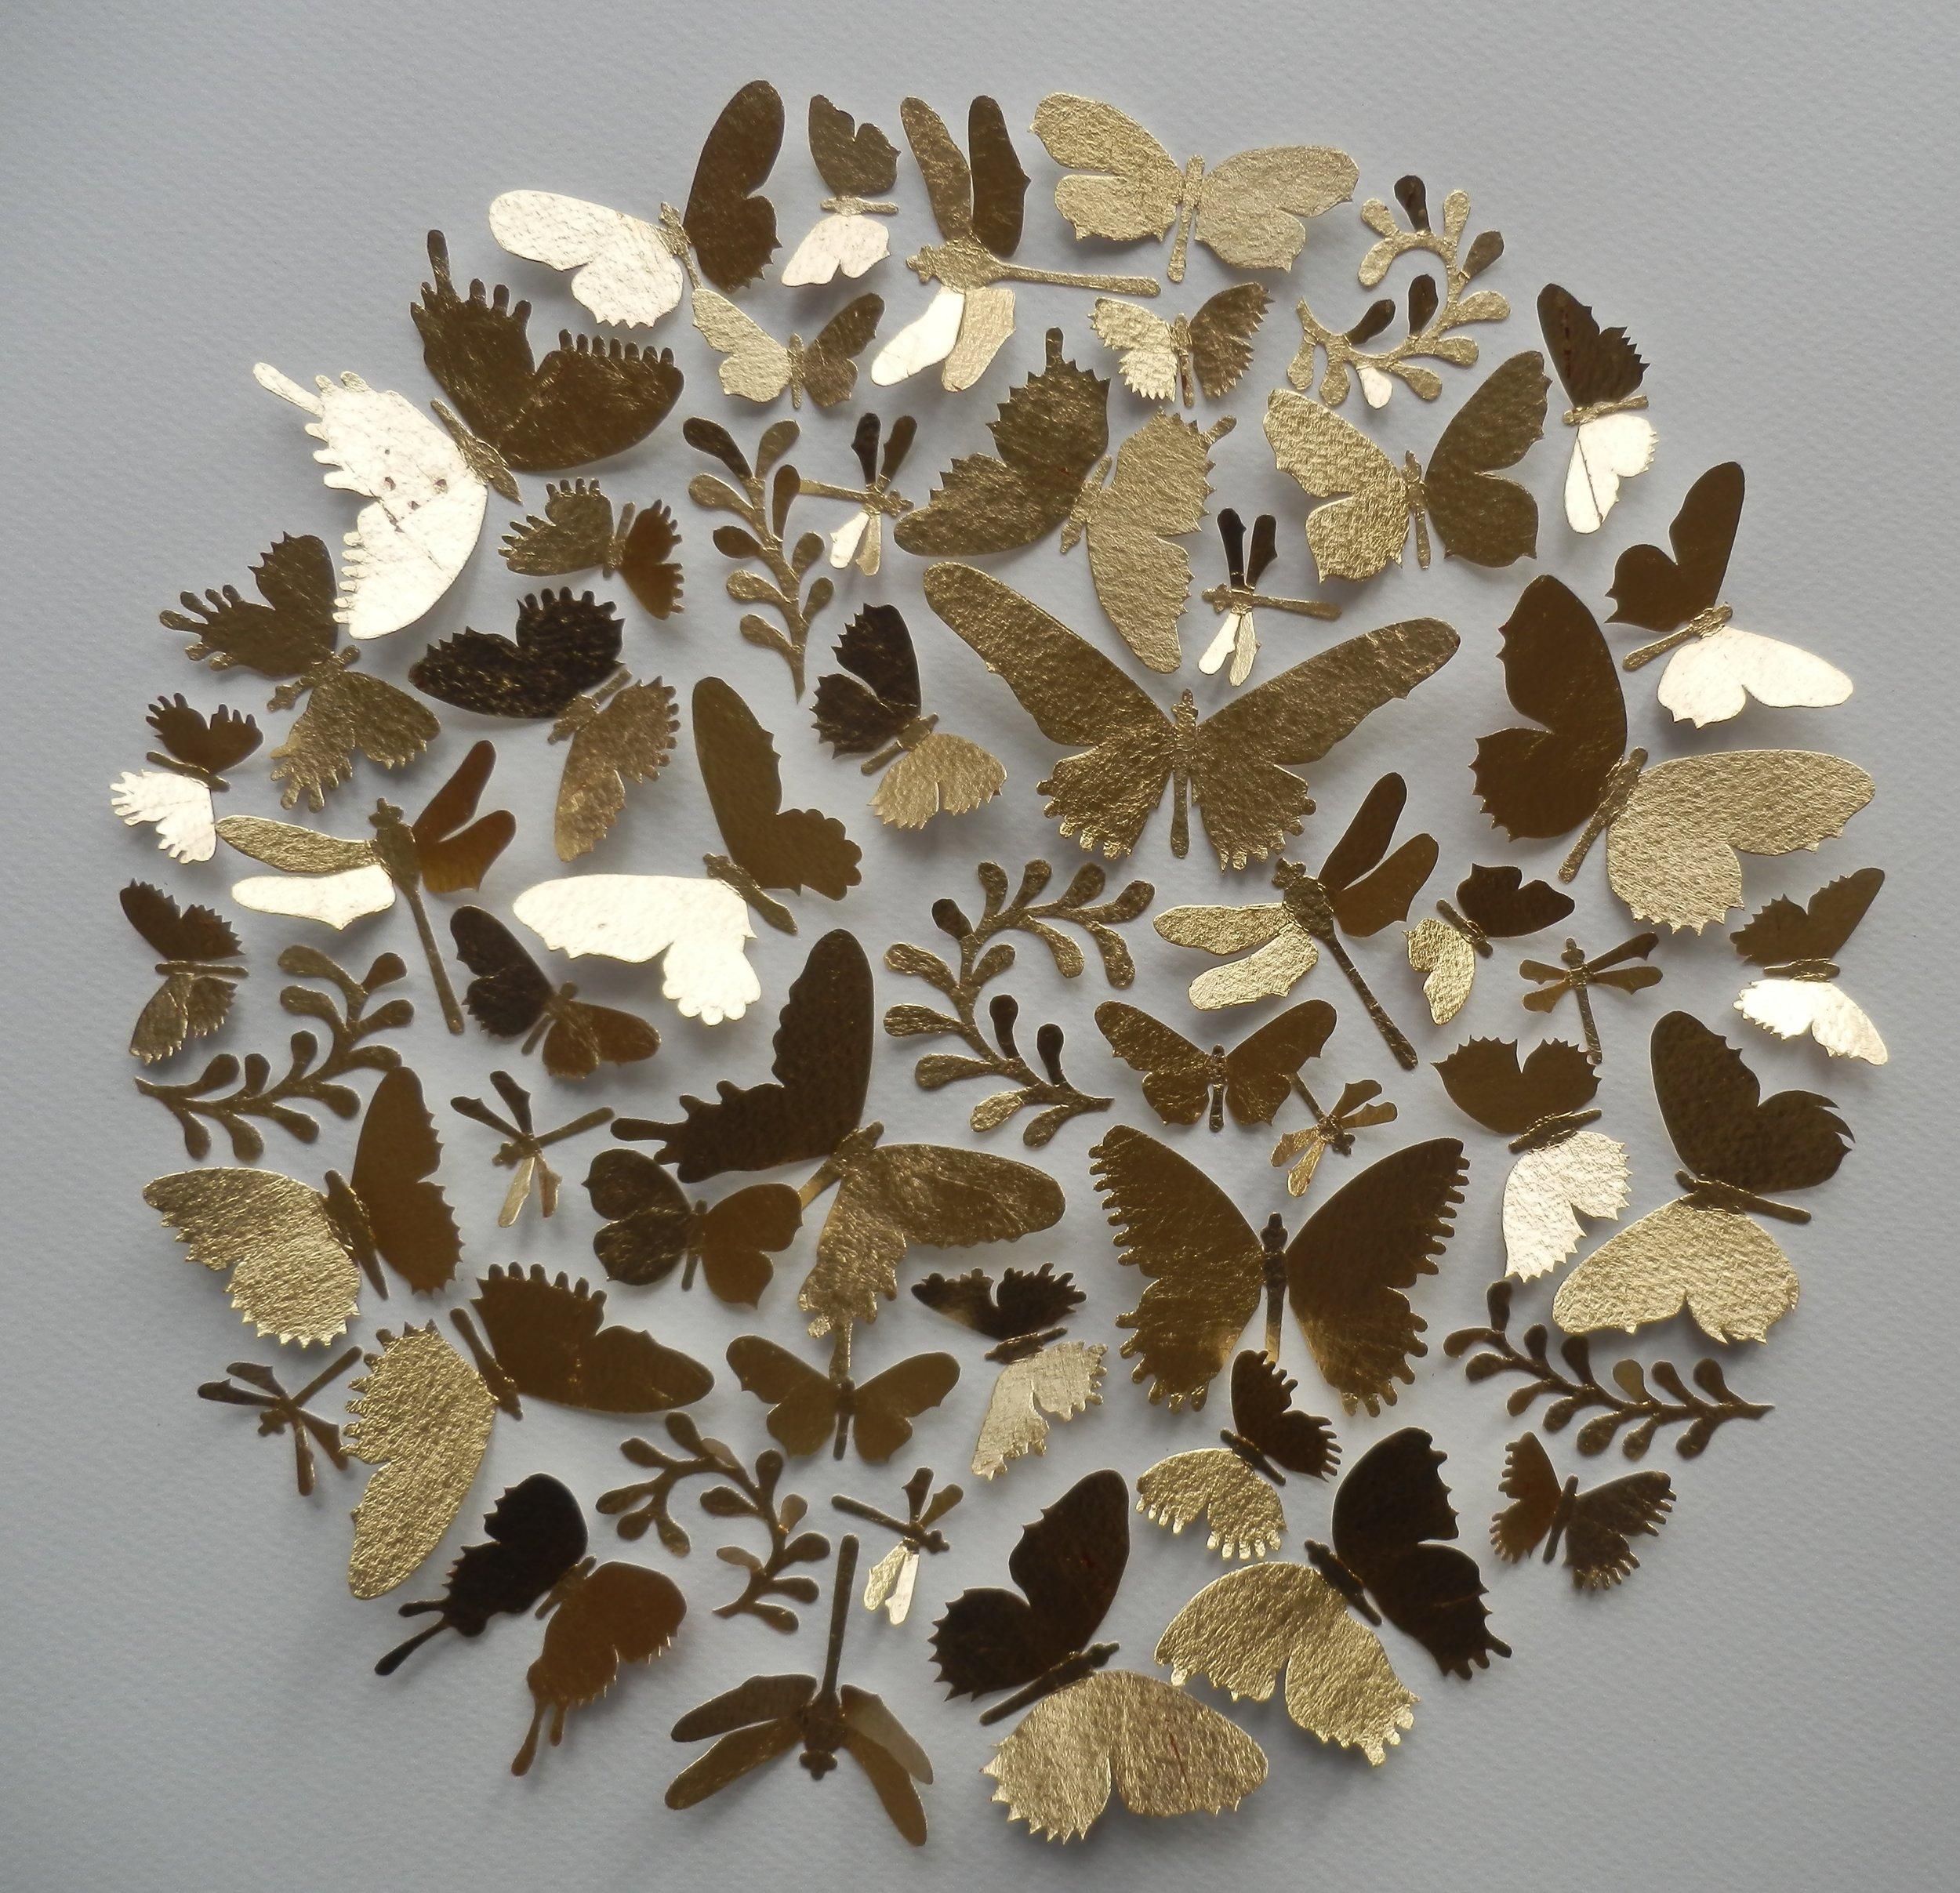 Gloriole  mixed media  50 x 50 cm